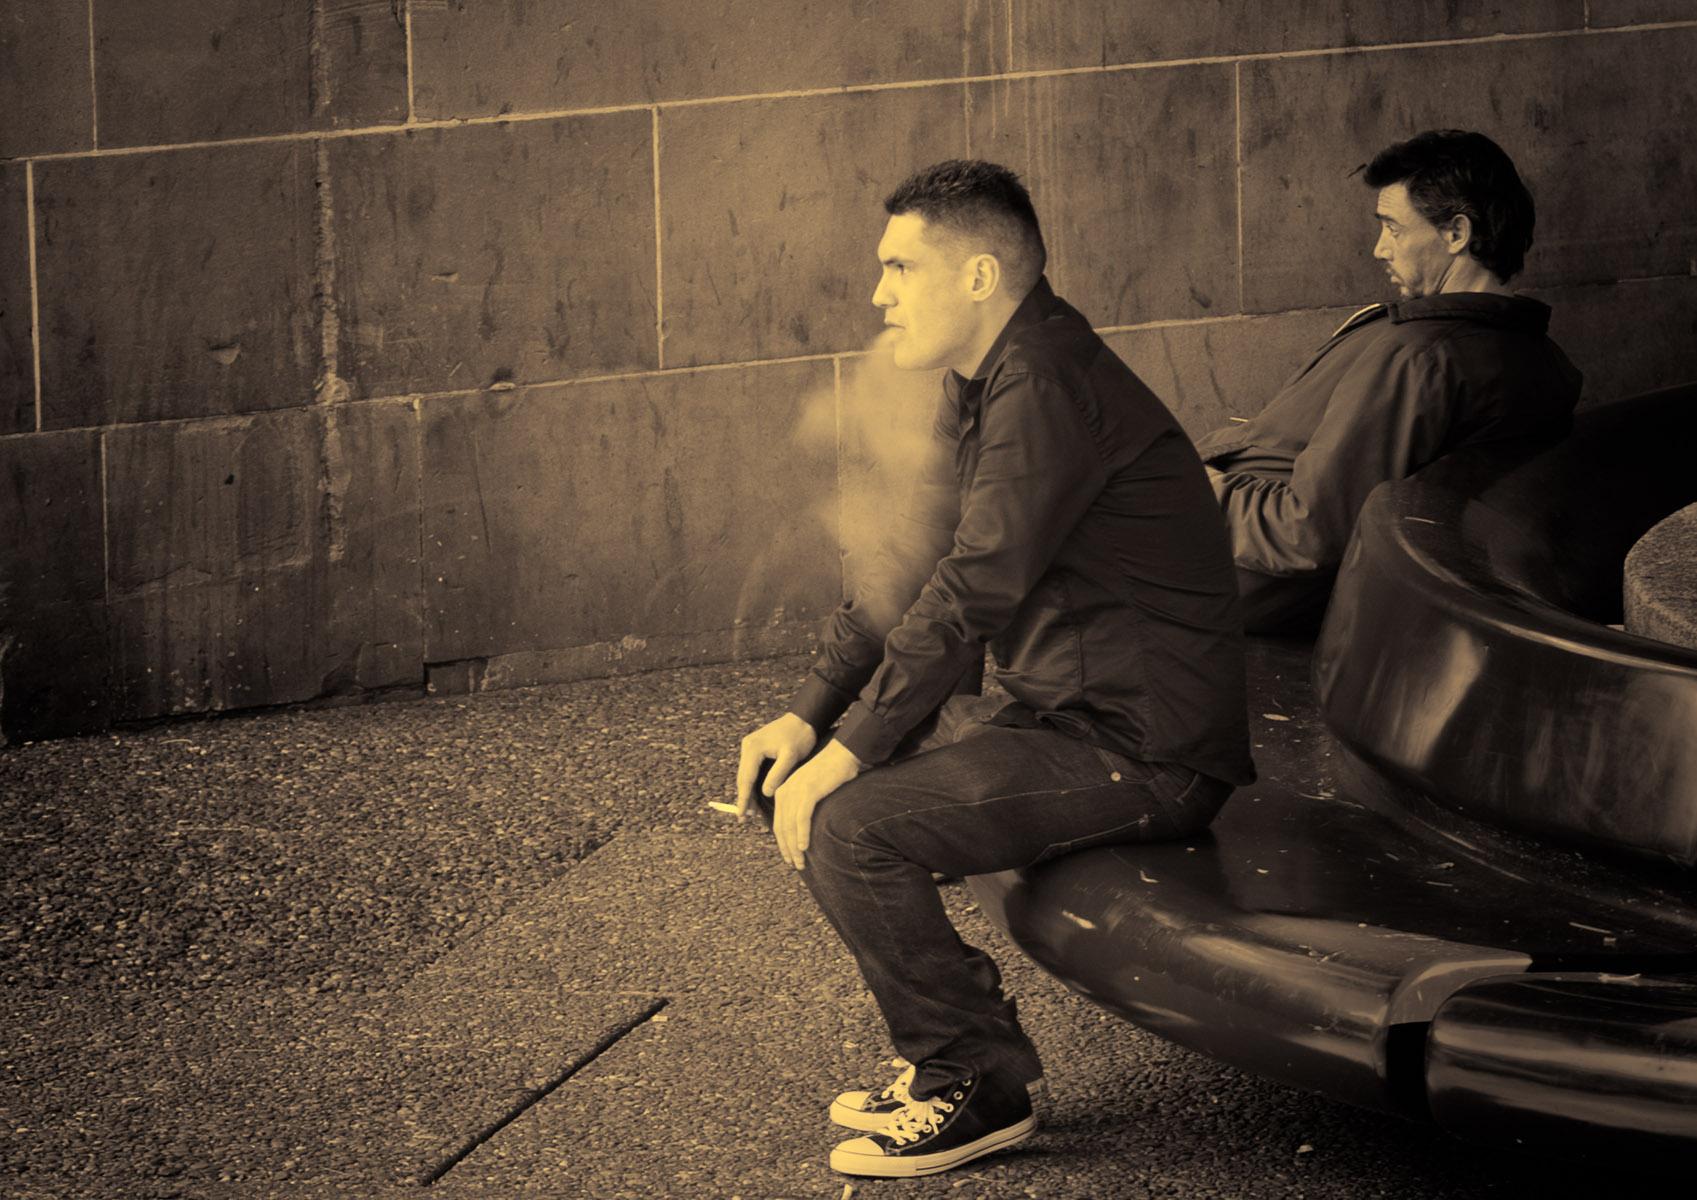 Smokin-121.jpg